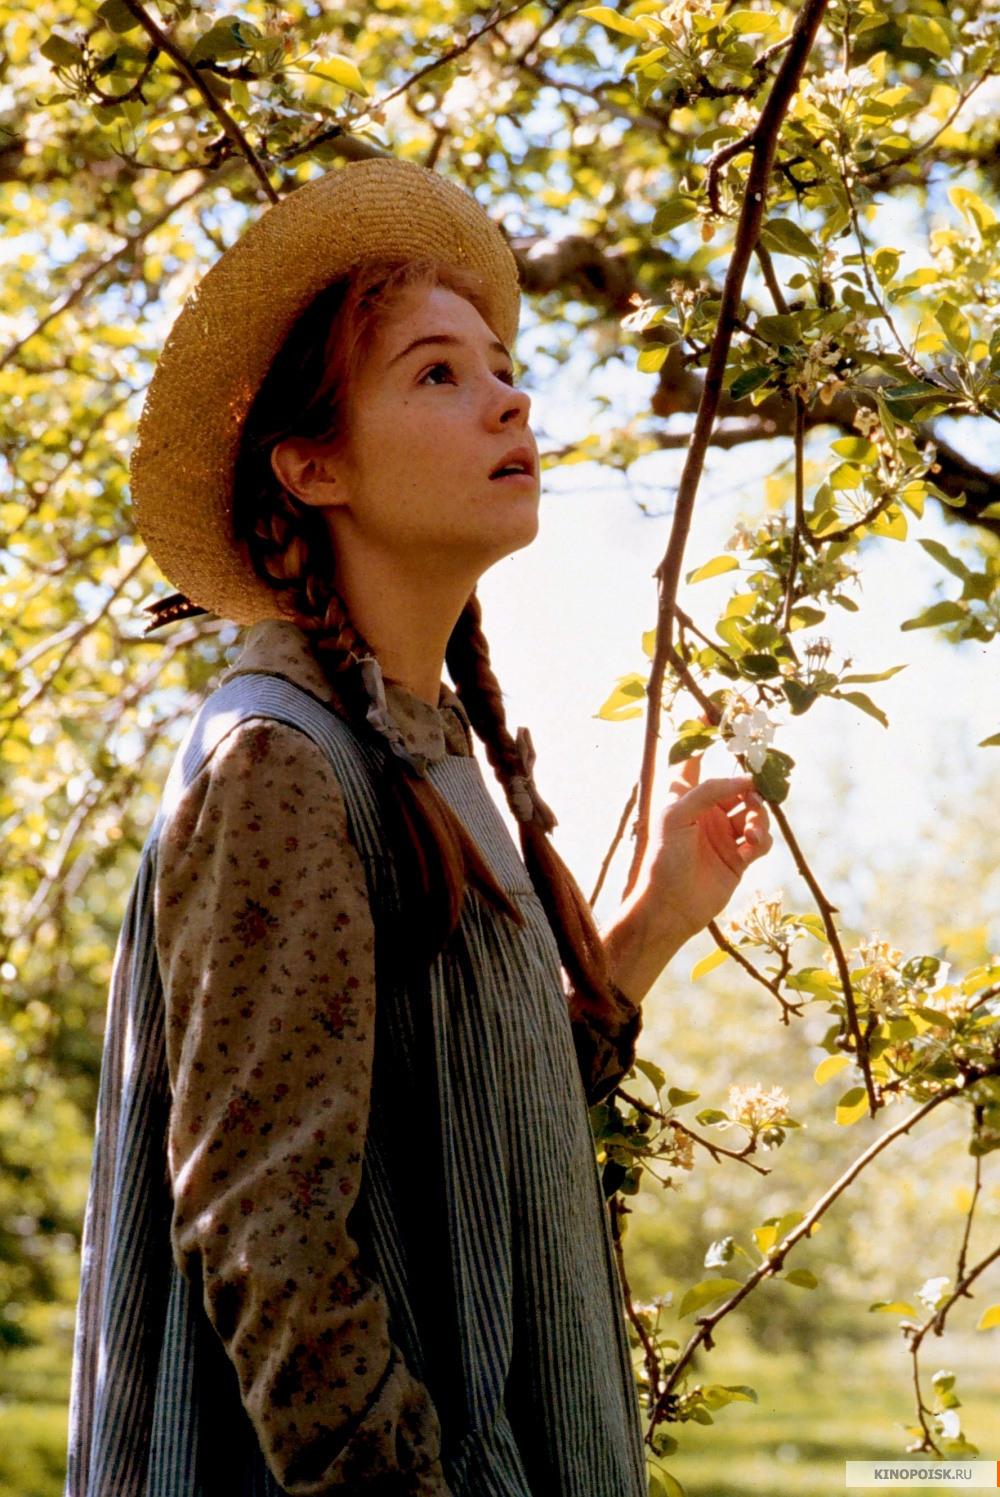 Anne Maison Aux Pignons Verts Of Anne La Maison Aux Pignons Verts Par Lucy Maud Montgomery